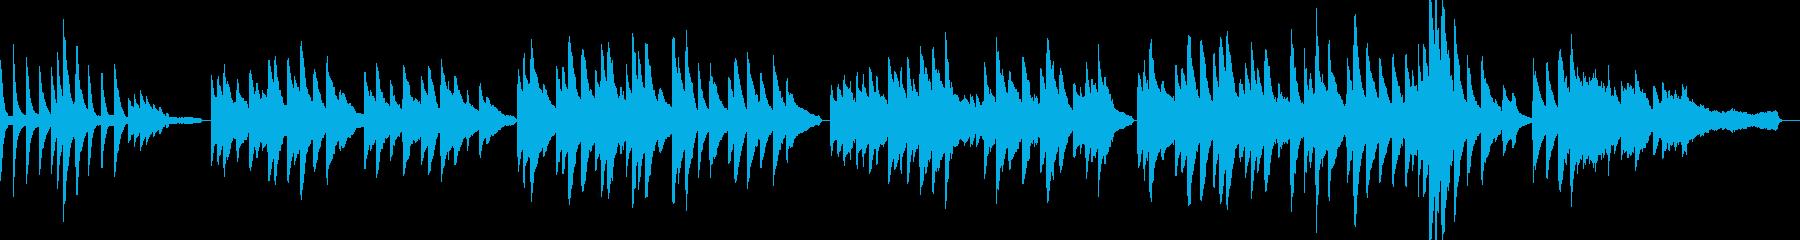 「ふるさと」ピアノアレンジ リバーブなしの再生済みの波形